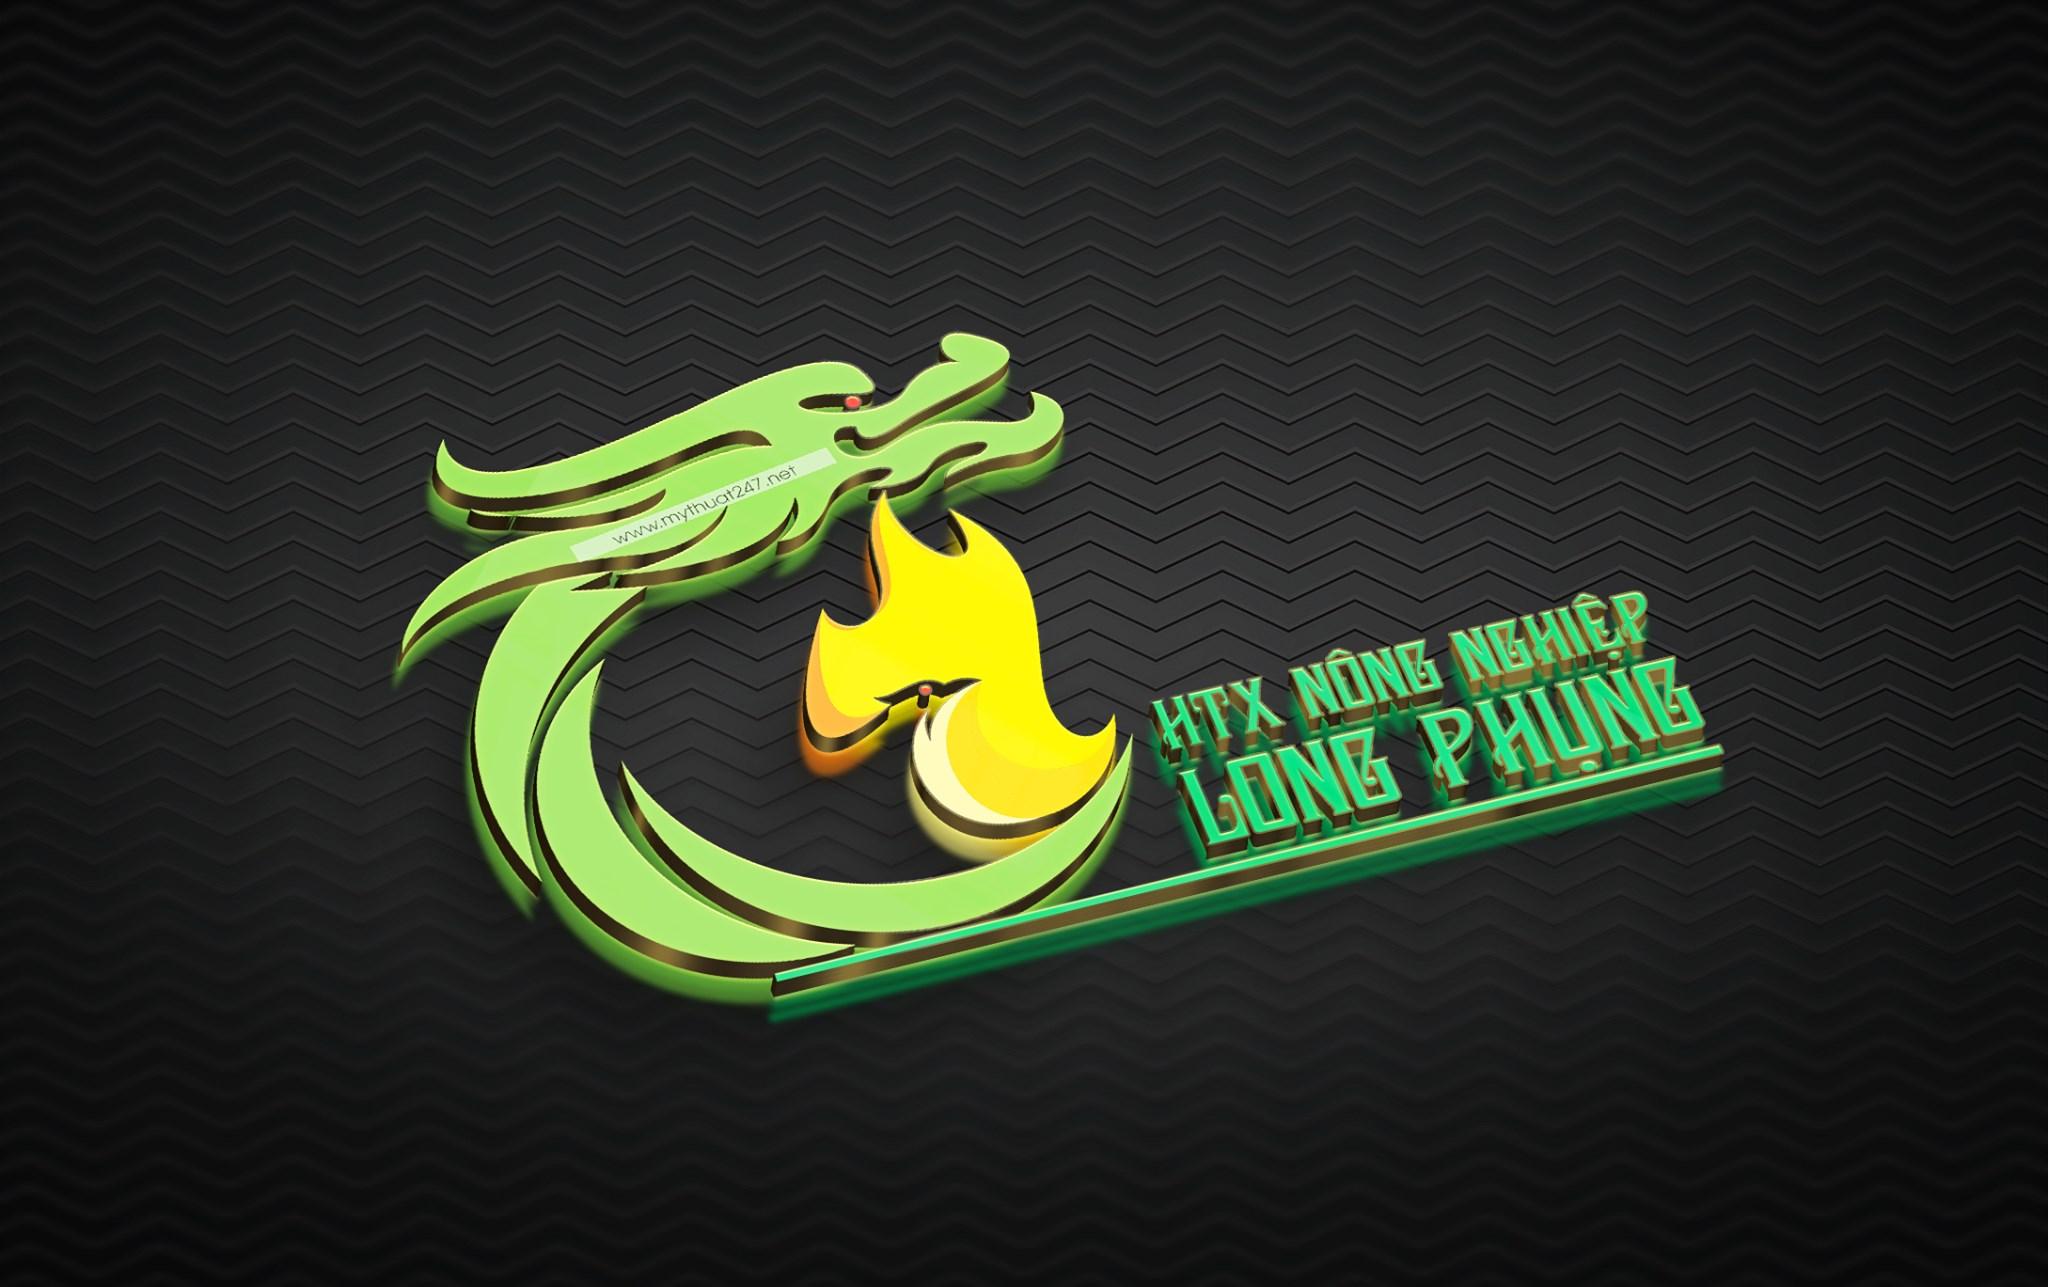 Thiết Kế Logo HTX nông nghiệp long phụng